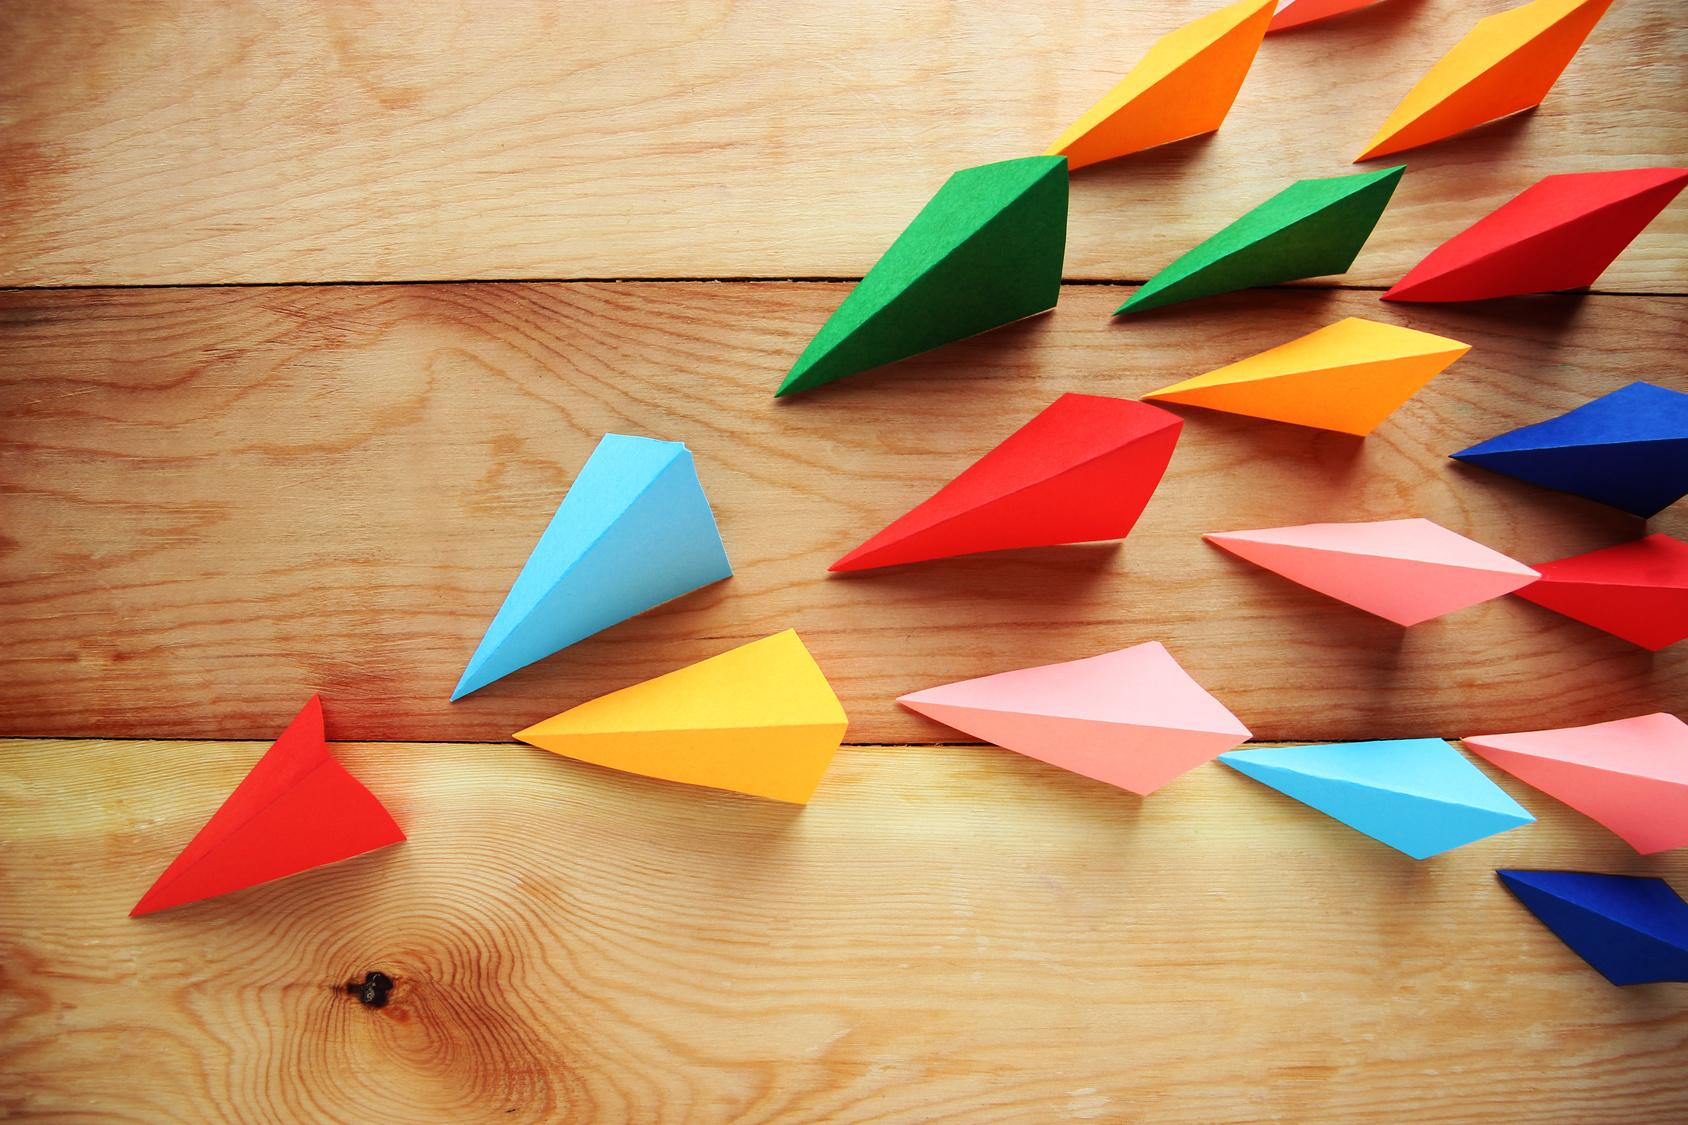 Colorful Paperplanes Leadership.jpg